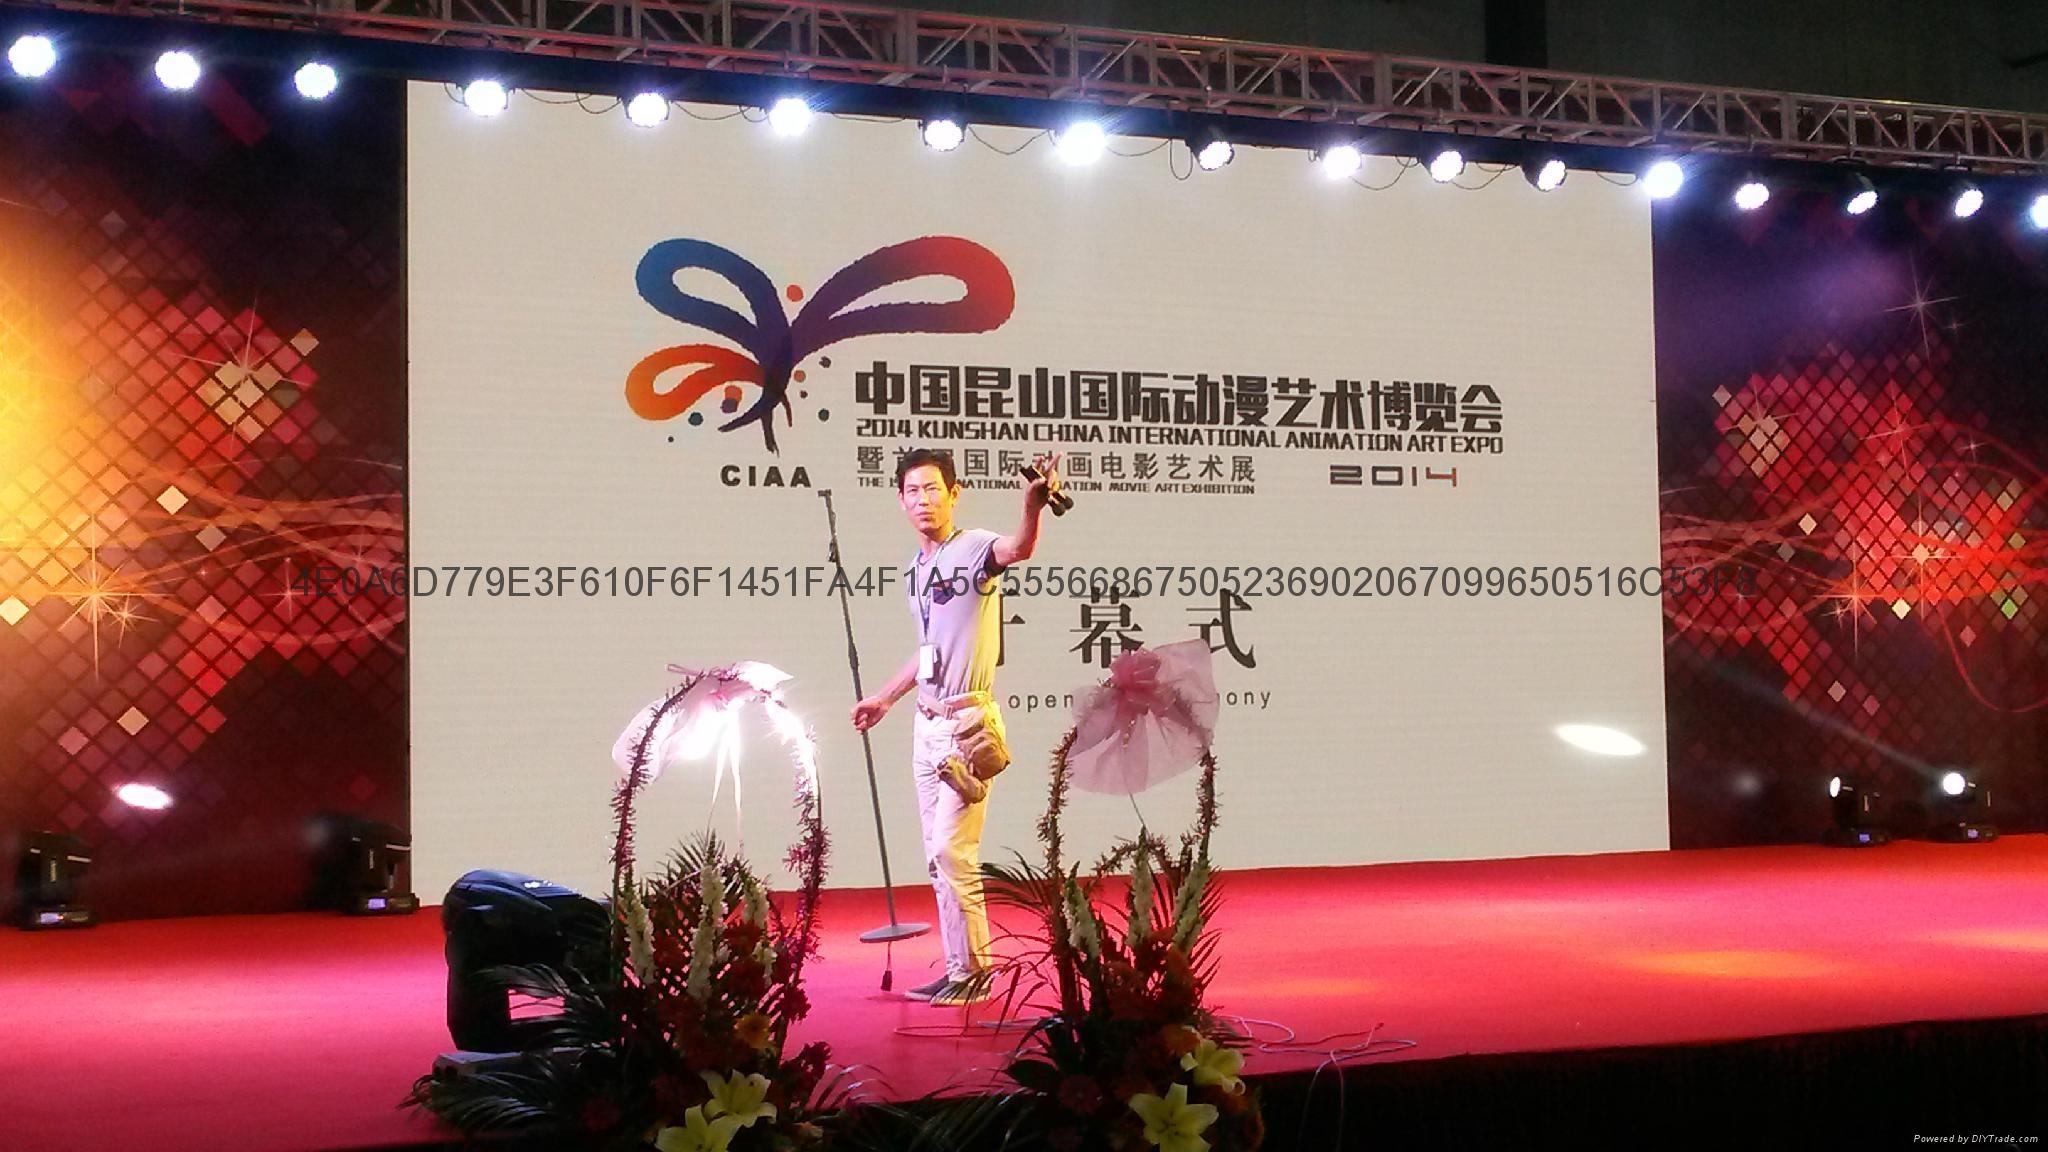 上海松江演出灯光音响设备租赁 3